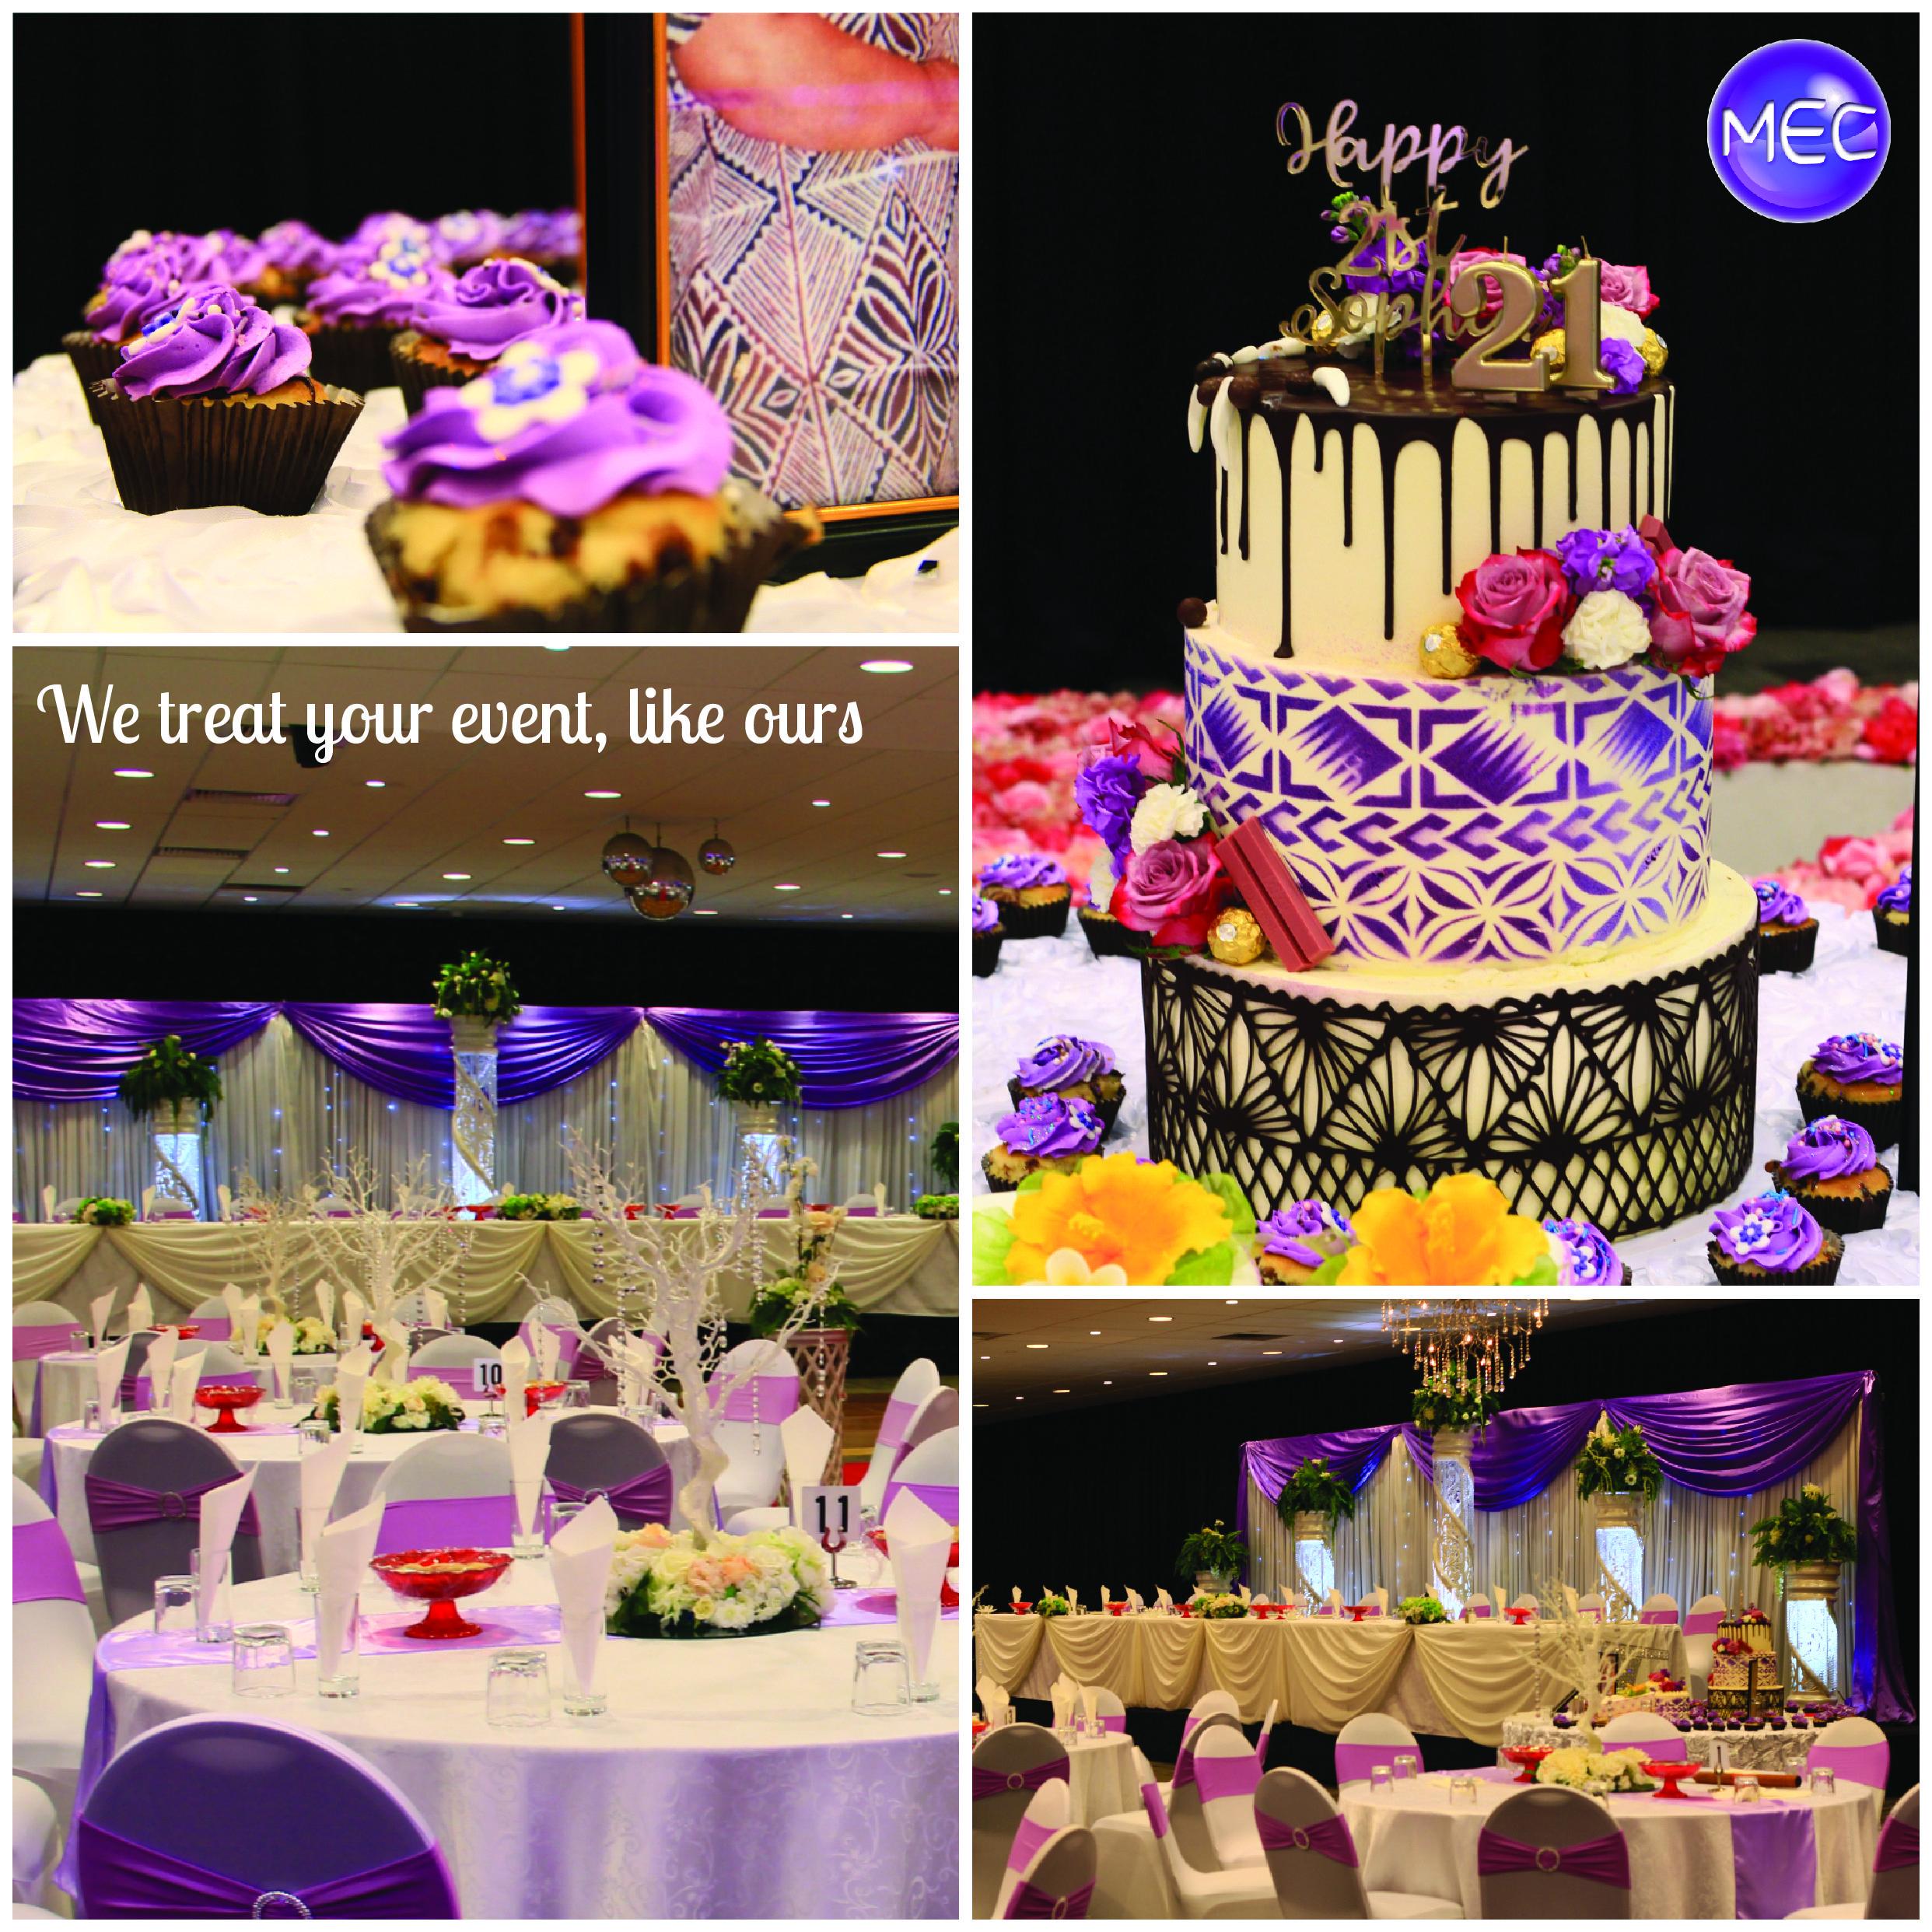 Birthdays @ Manukau Event Centre - South Auckland's ...